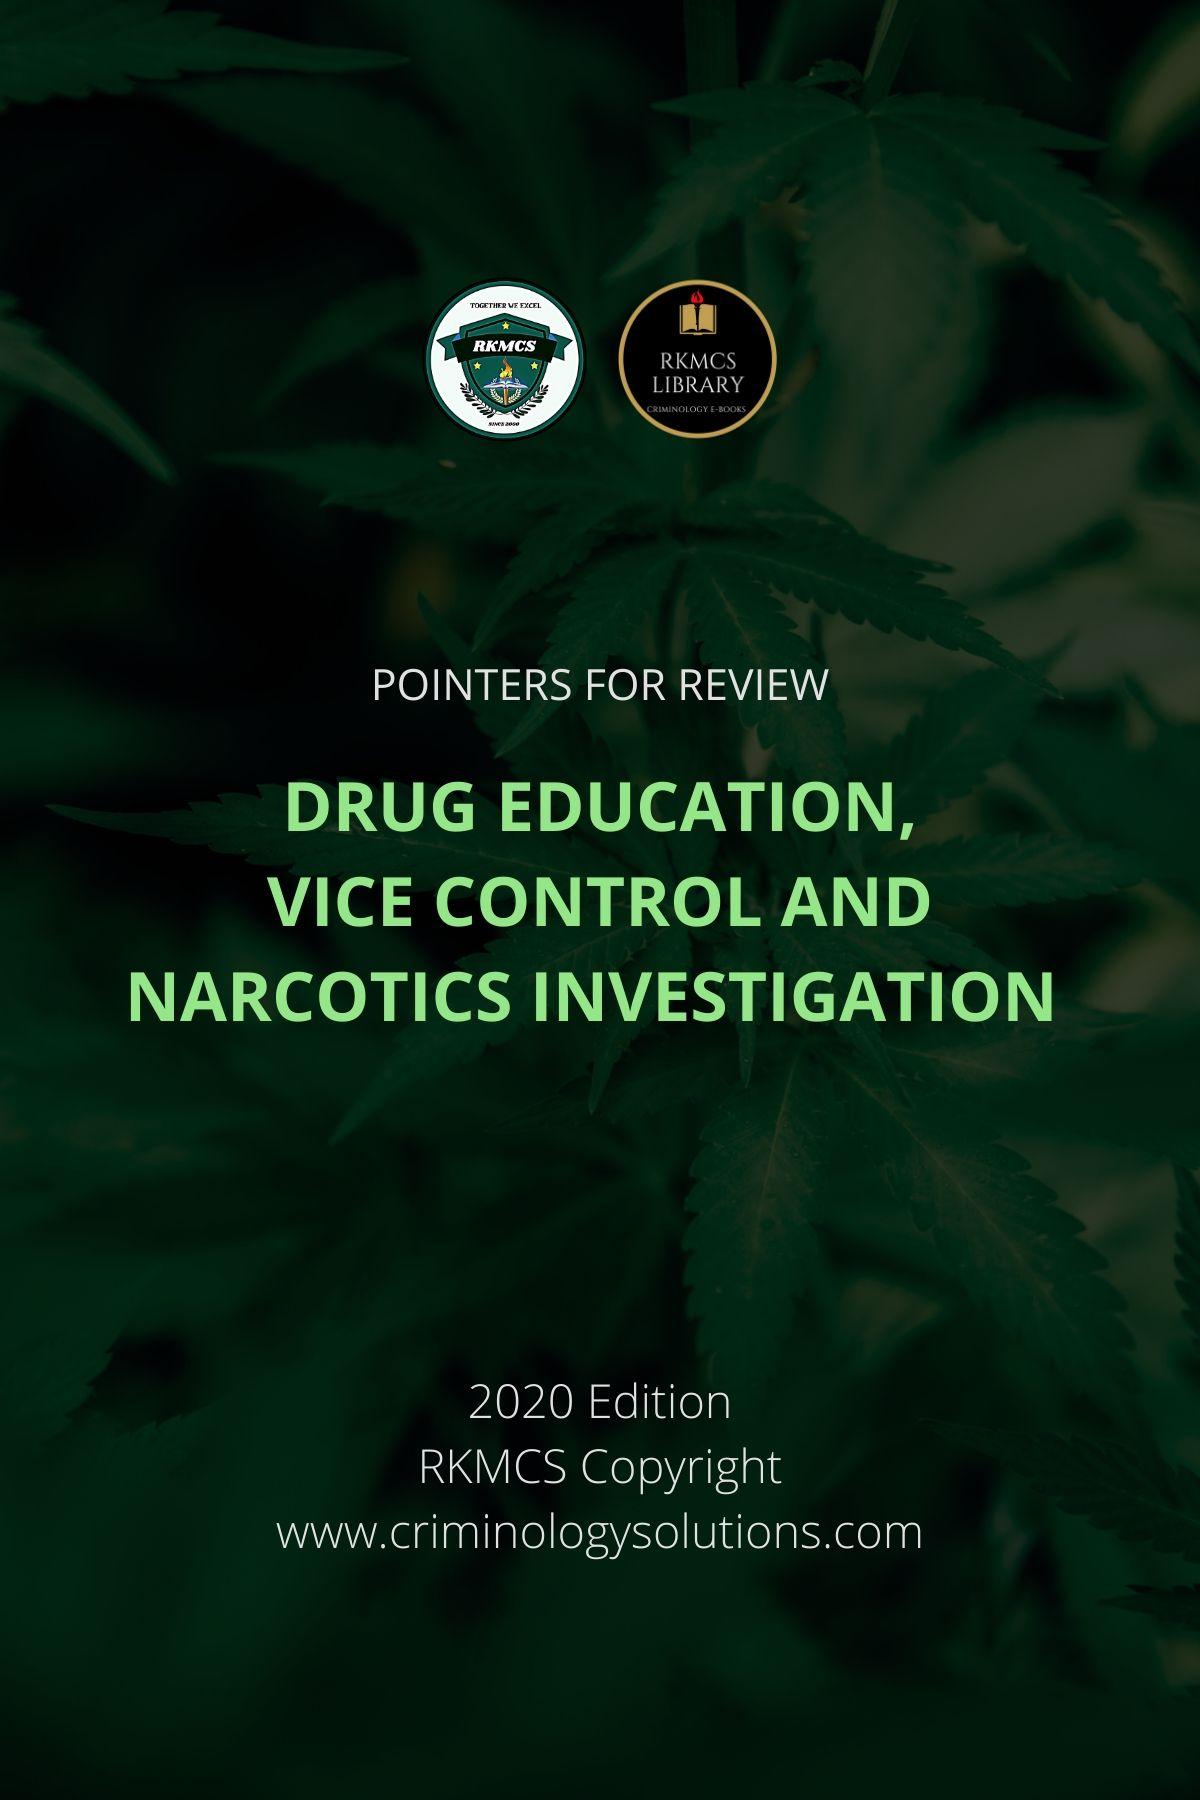 DRUGS EDUC